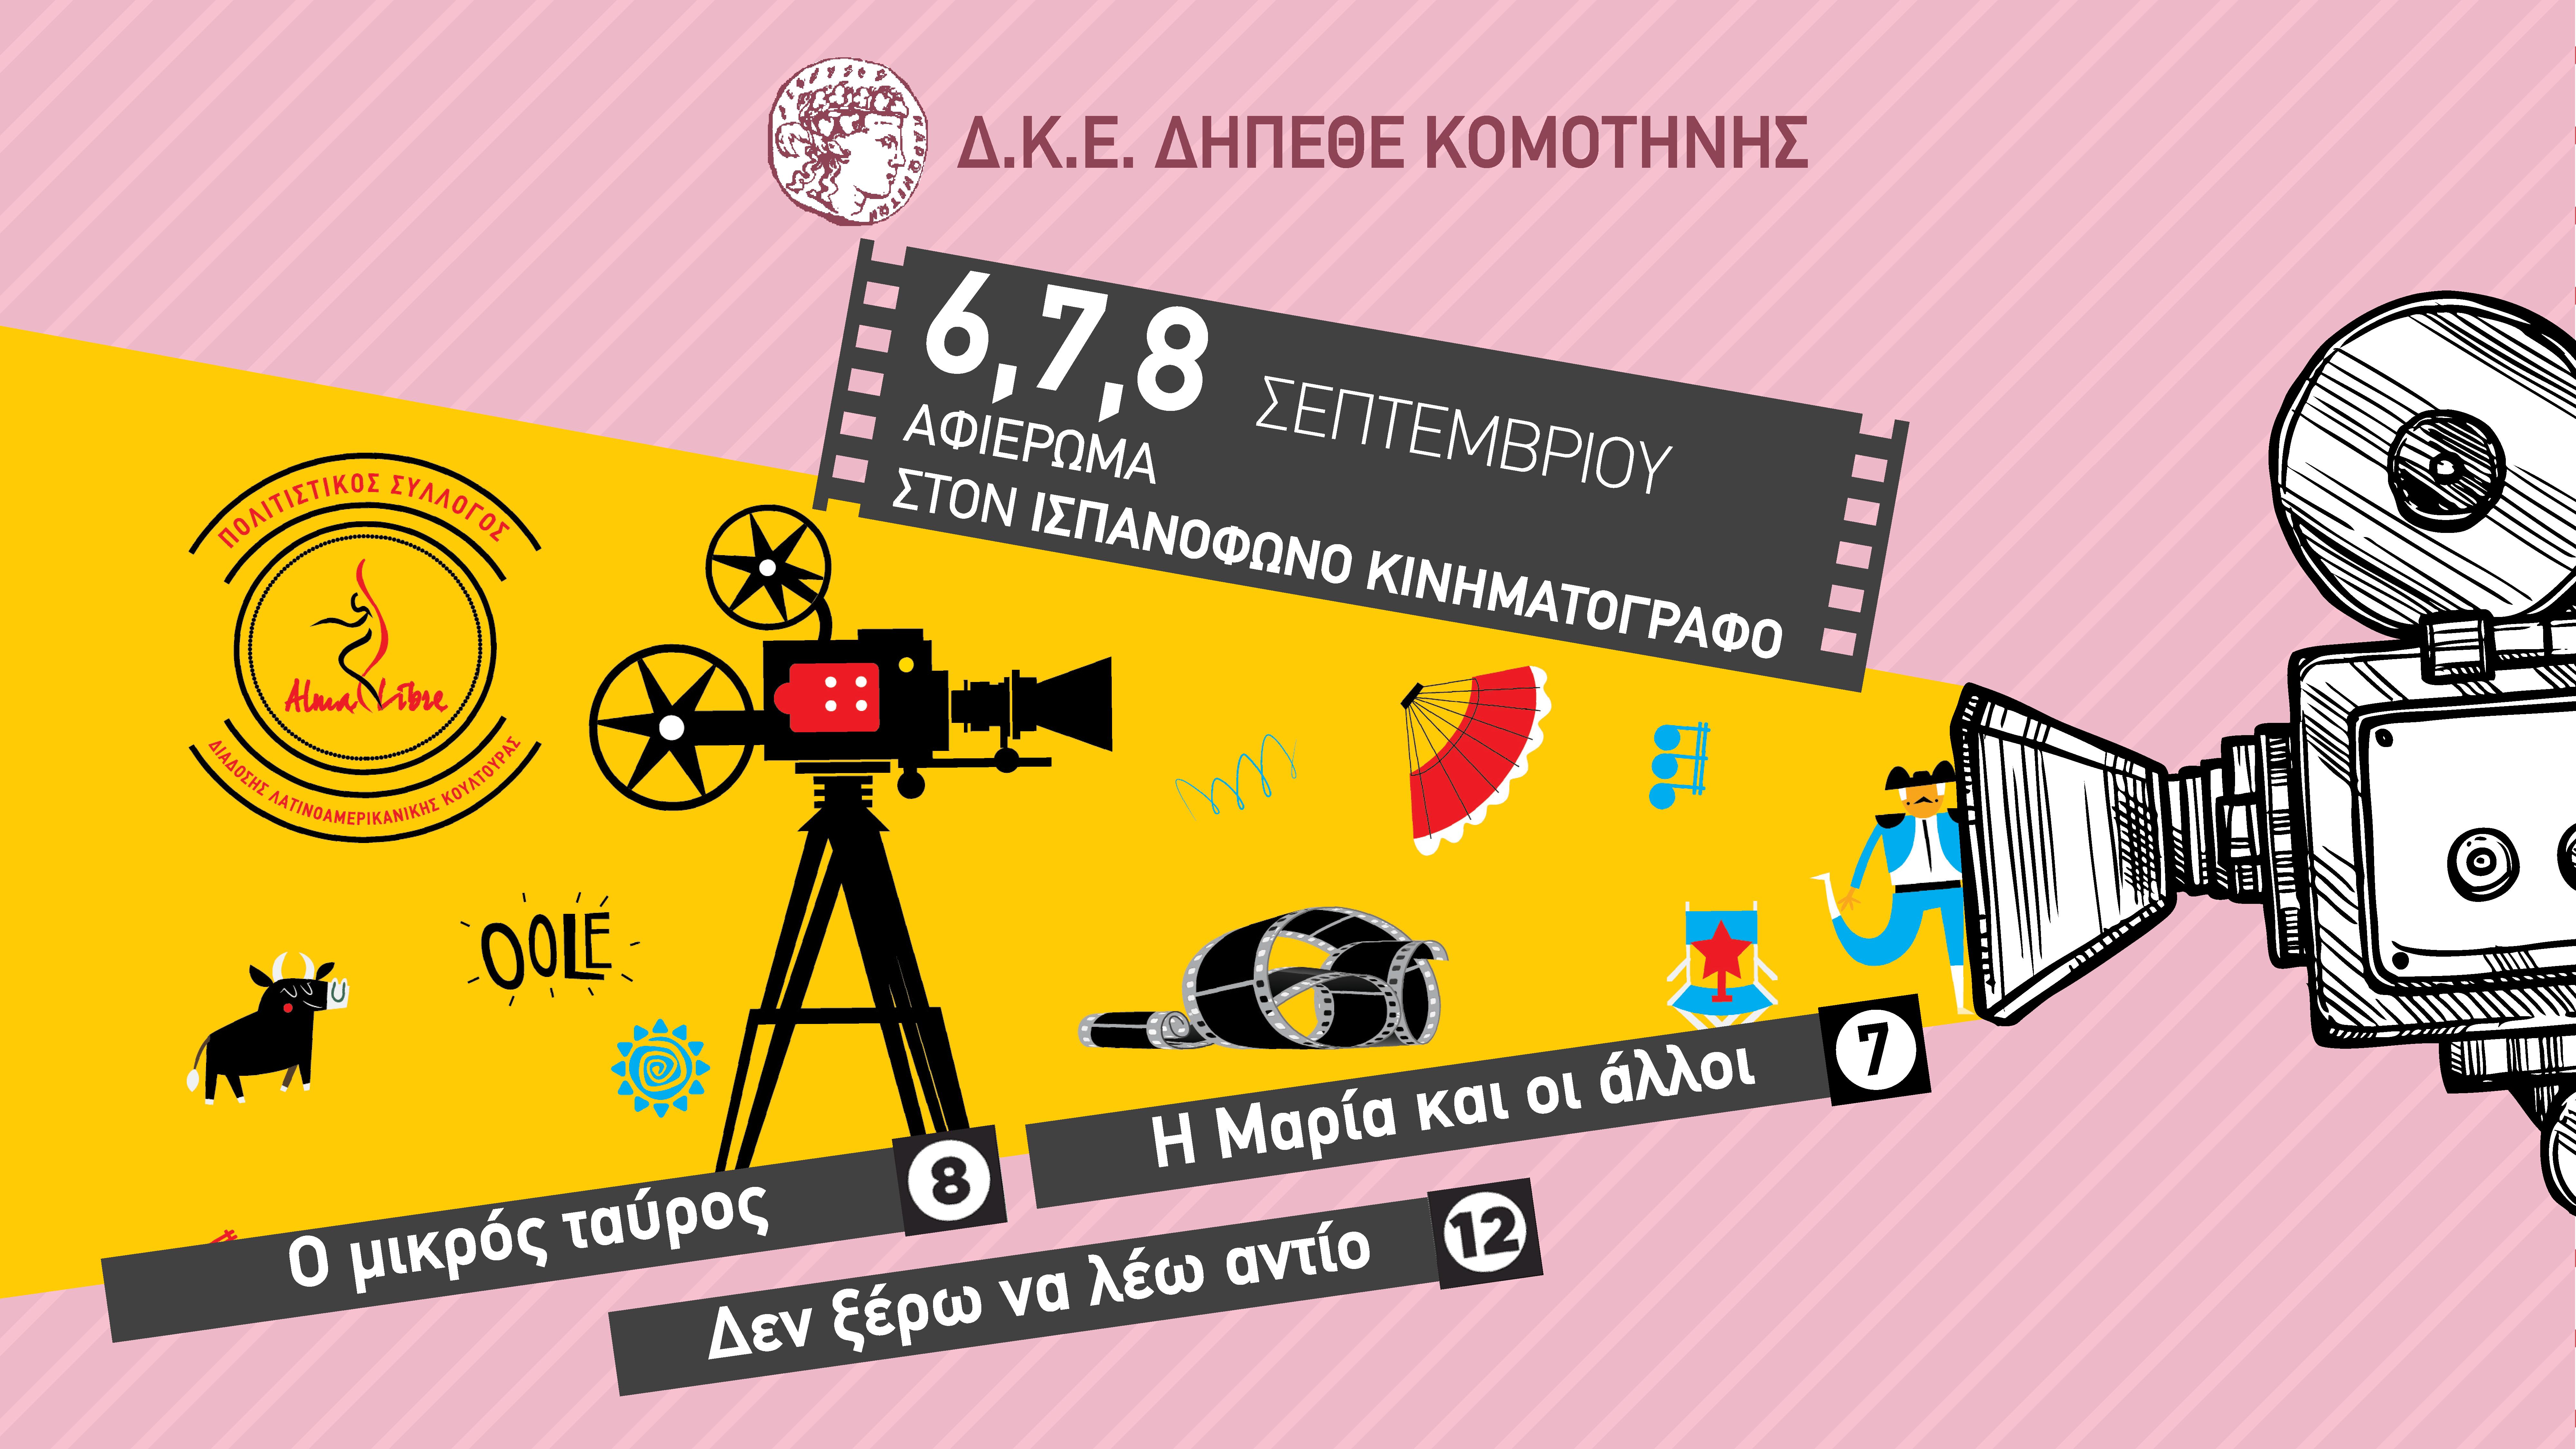 Αφιέρωμα στον Ισπανόφωνο Κινηματογράφο για 11η συνεχόμενη χρονιά